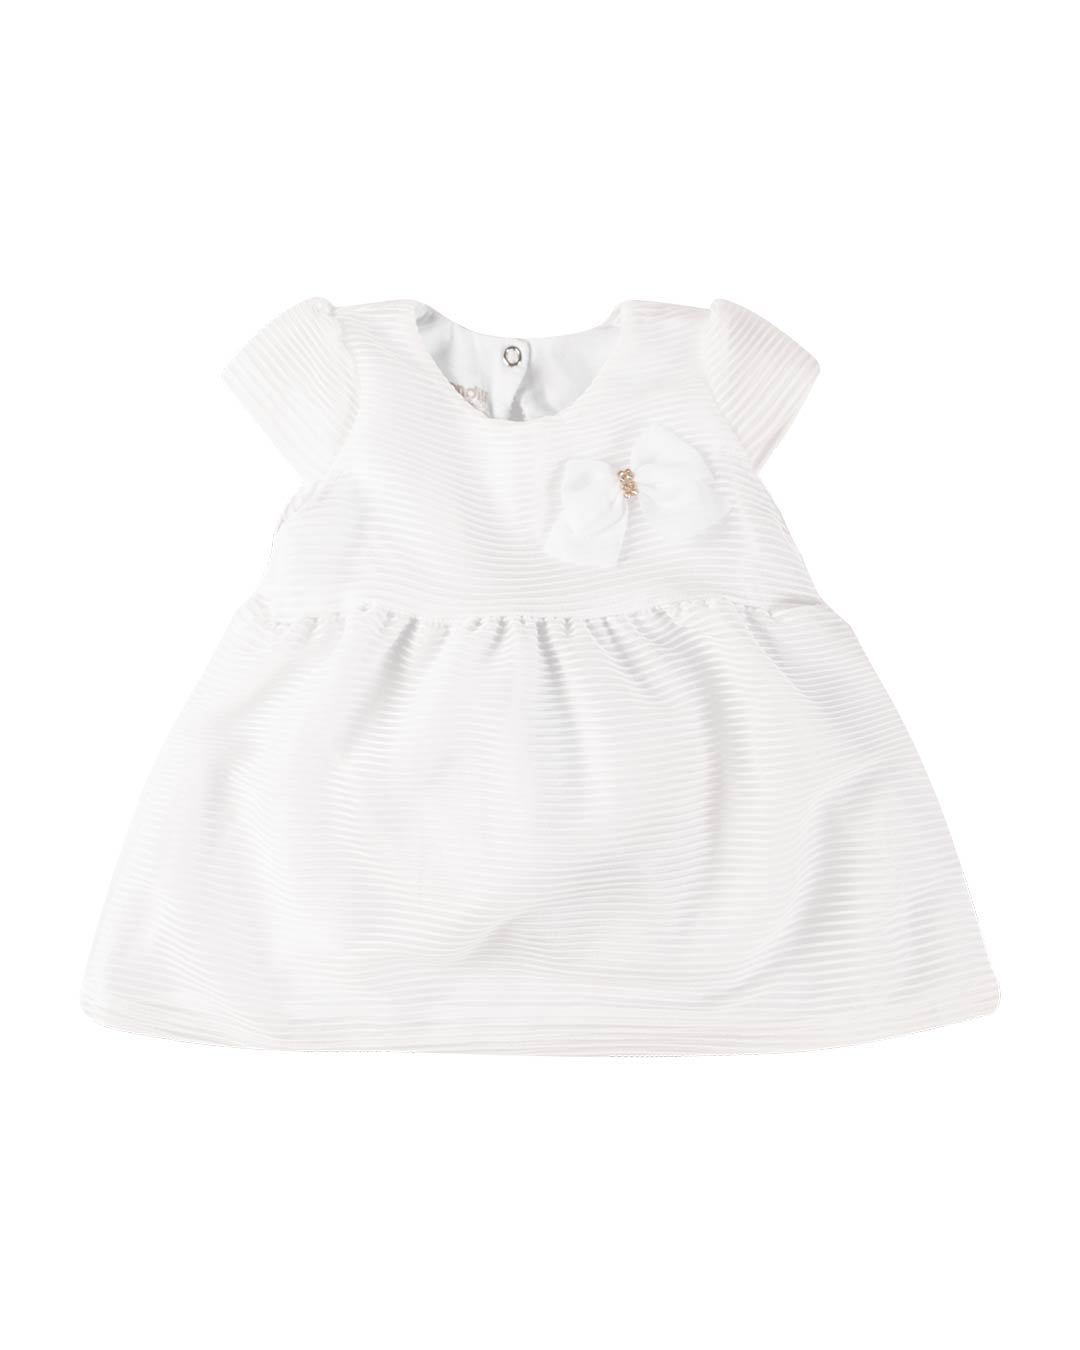 Vestido Bebê com Tapa Fralda Branco - Brandili